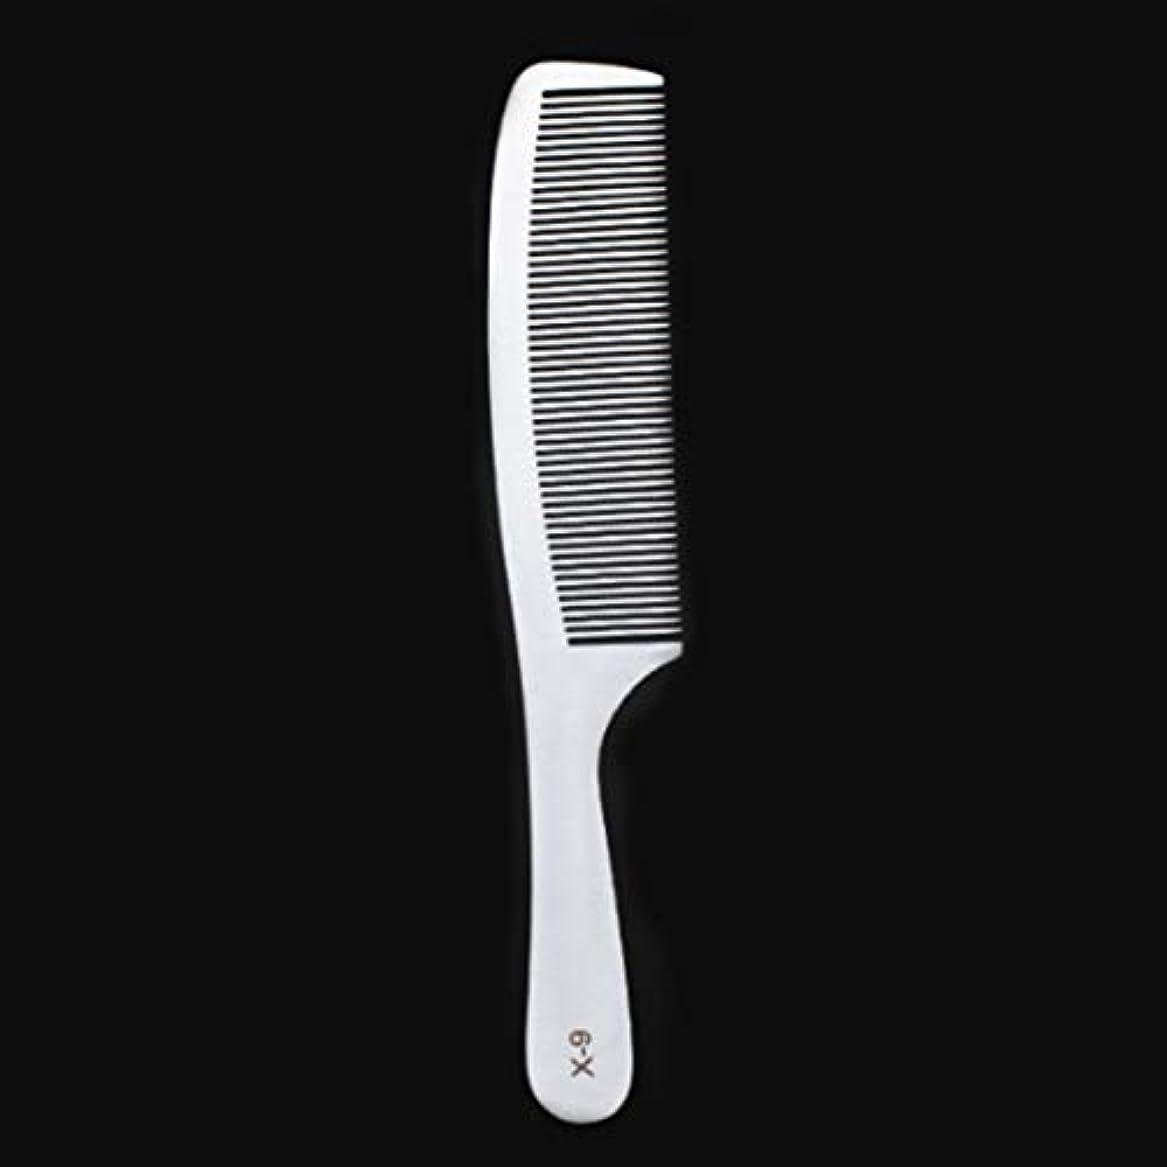 実証するシネウィ授業料Guomao 特別な薄いステンレス鋼の毛の櫛-女性のための帯電防止櫛 (サイズ : X9)